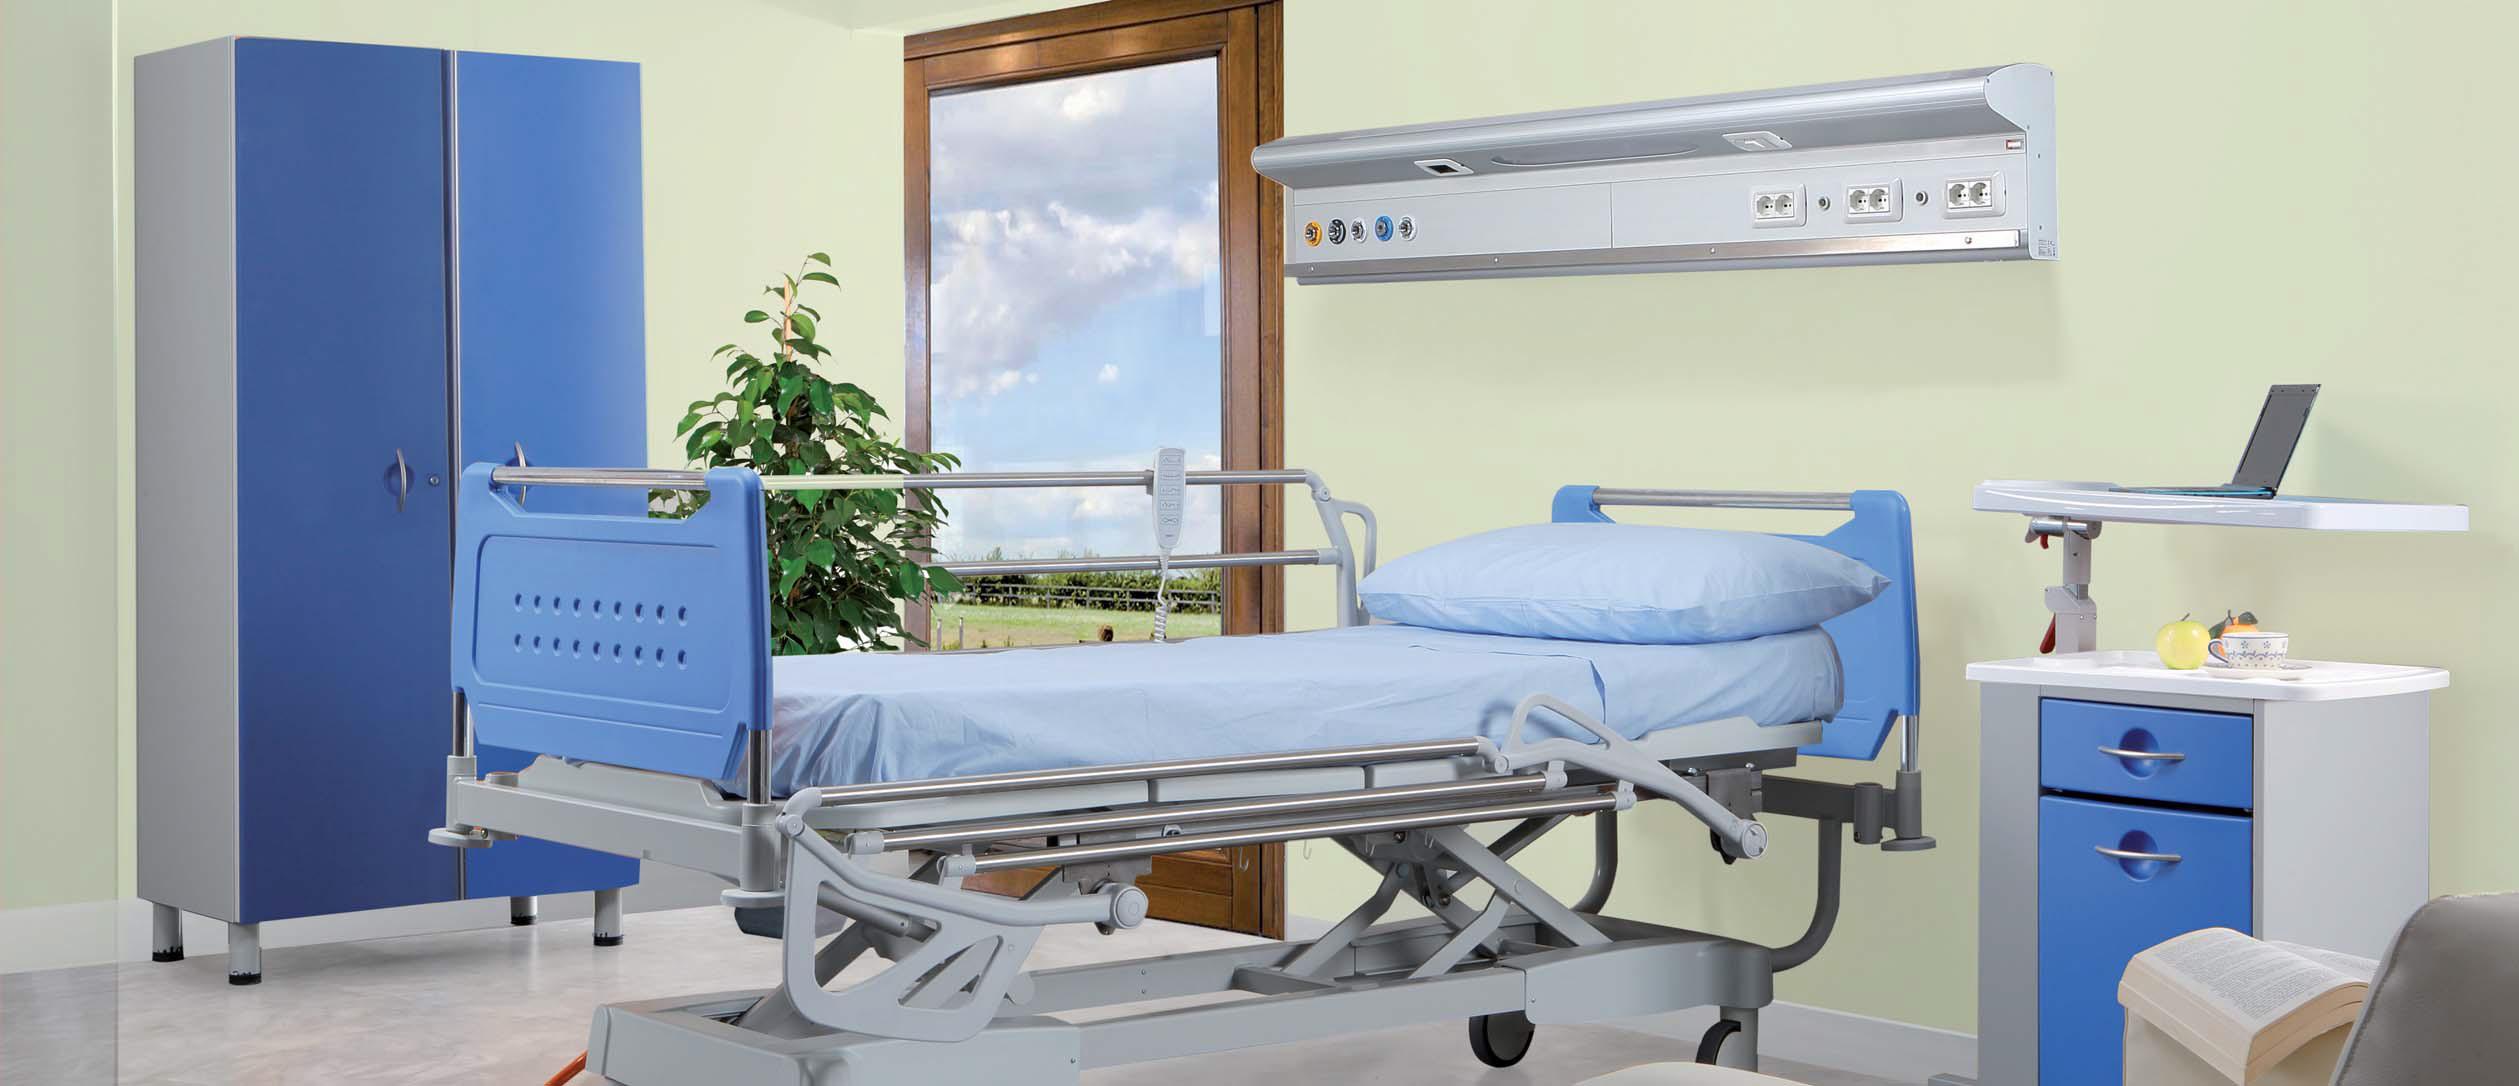 Типы подъемных кроватей для лежачих больных